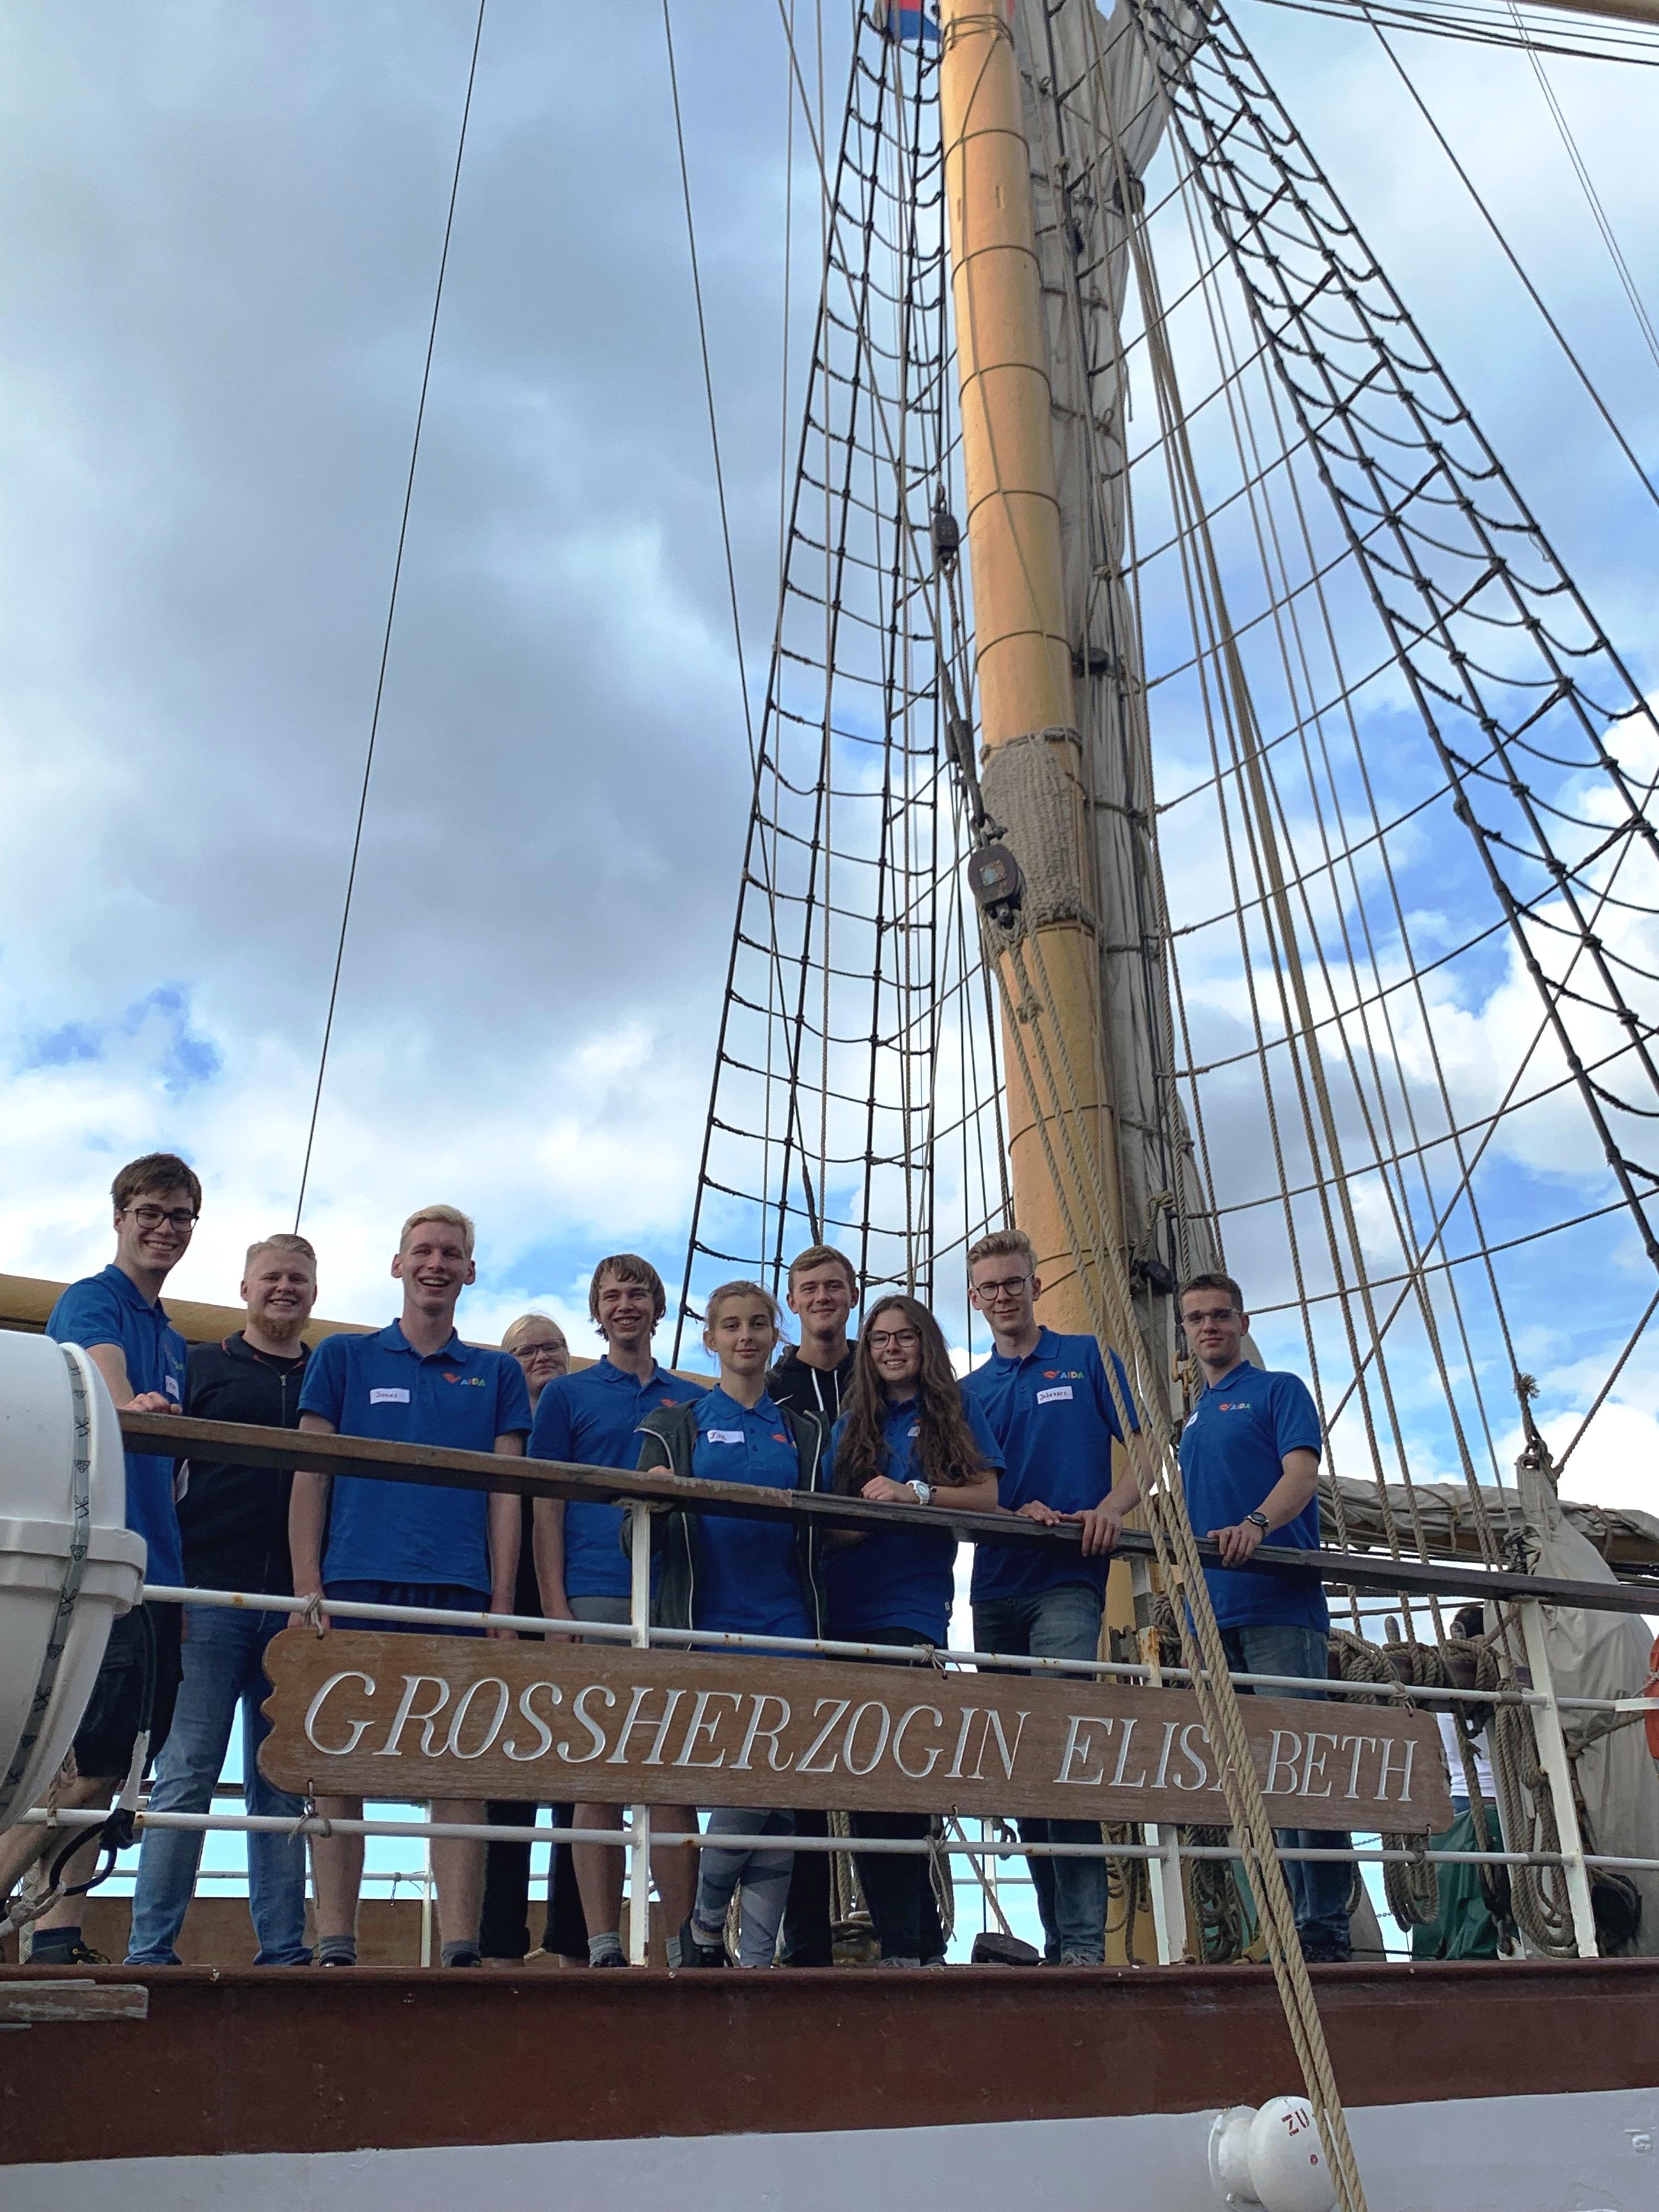 """22 Kadetten von AIDA Cruises befinden sich derzeit an Bord des Segelschulschiffes """"Großherzogin Elisabeth"""" und werden in rund 17 Tagen die seemännische Grundausbildung absolvieren"""